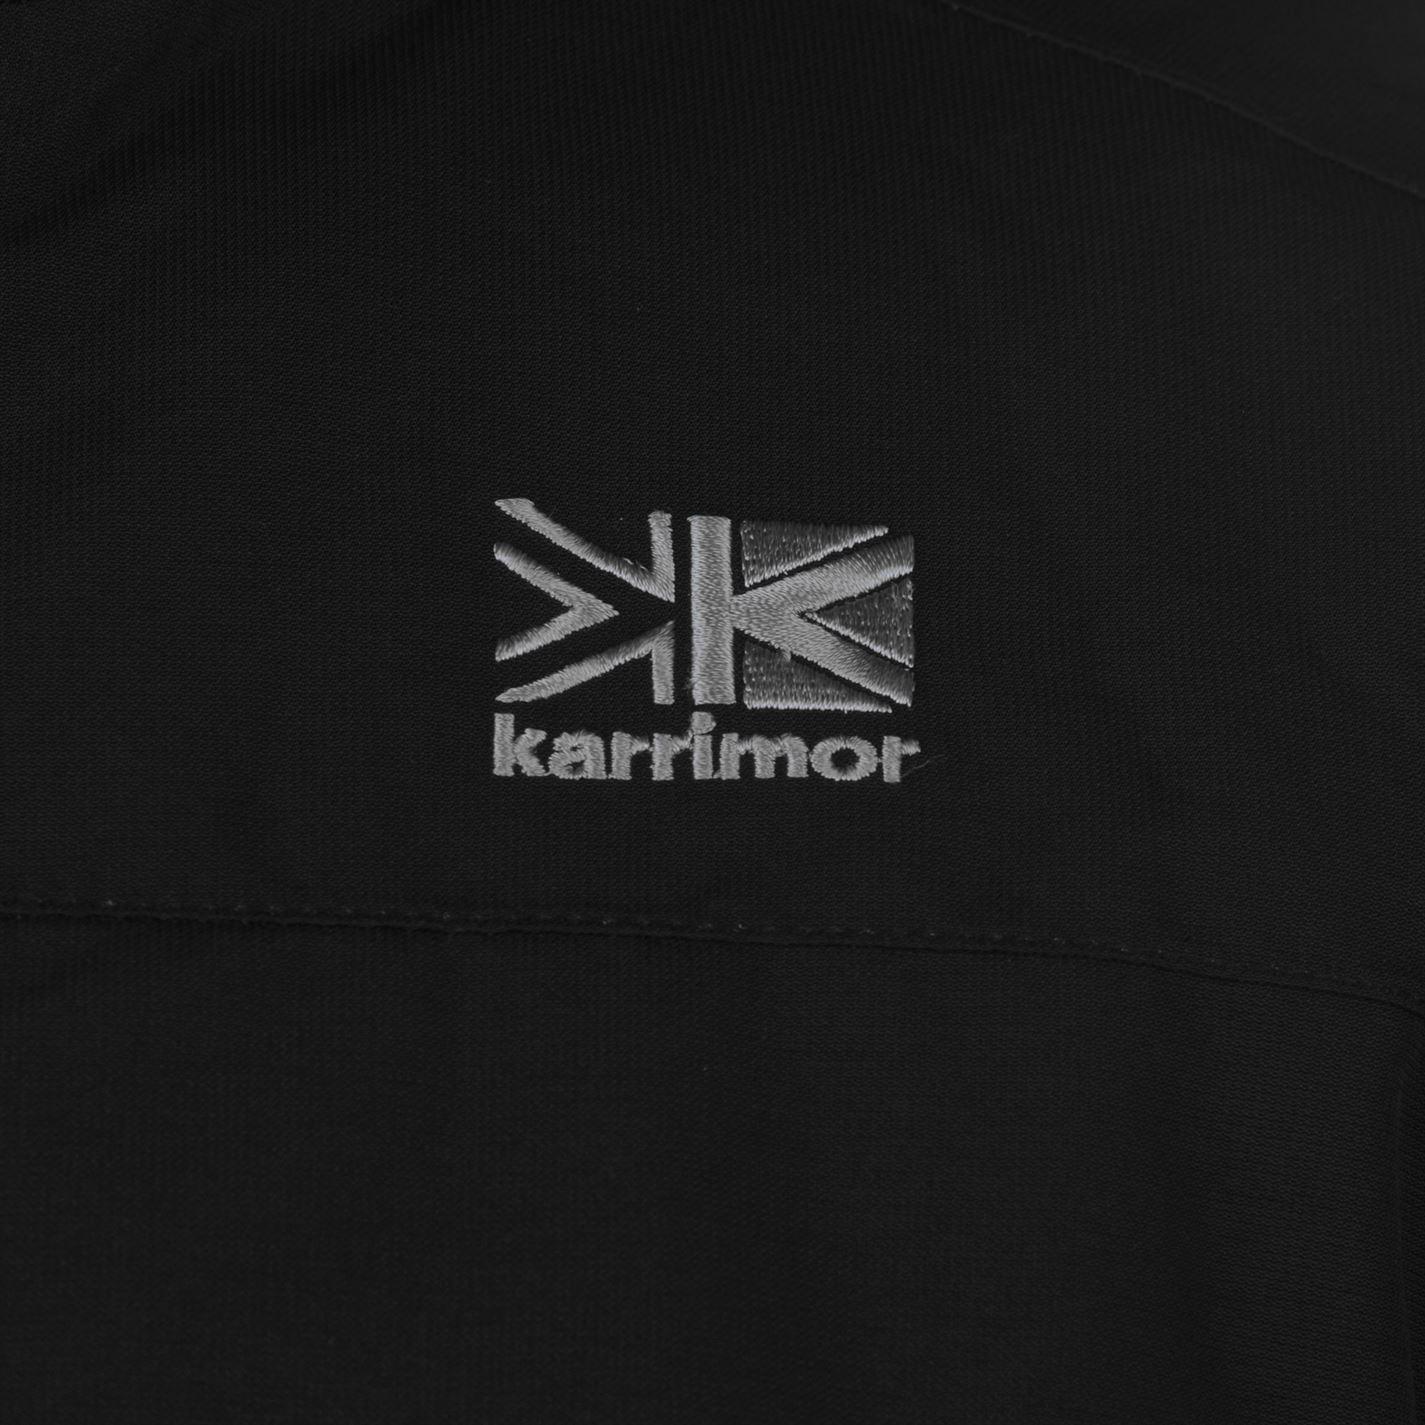 Karrimor-Herren-Parka-Jacke-Mantel-Oberteil-Chin-Guard-High-Neck-Hooded-Zip-voll-warm Indexbild 6